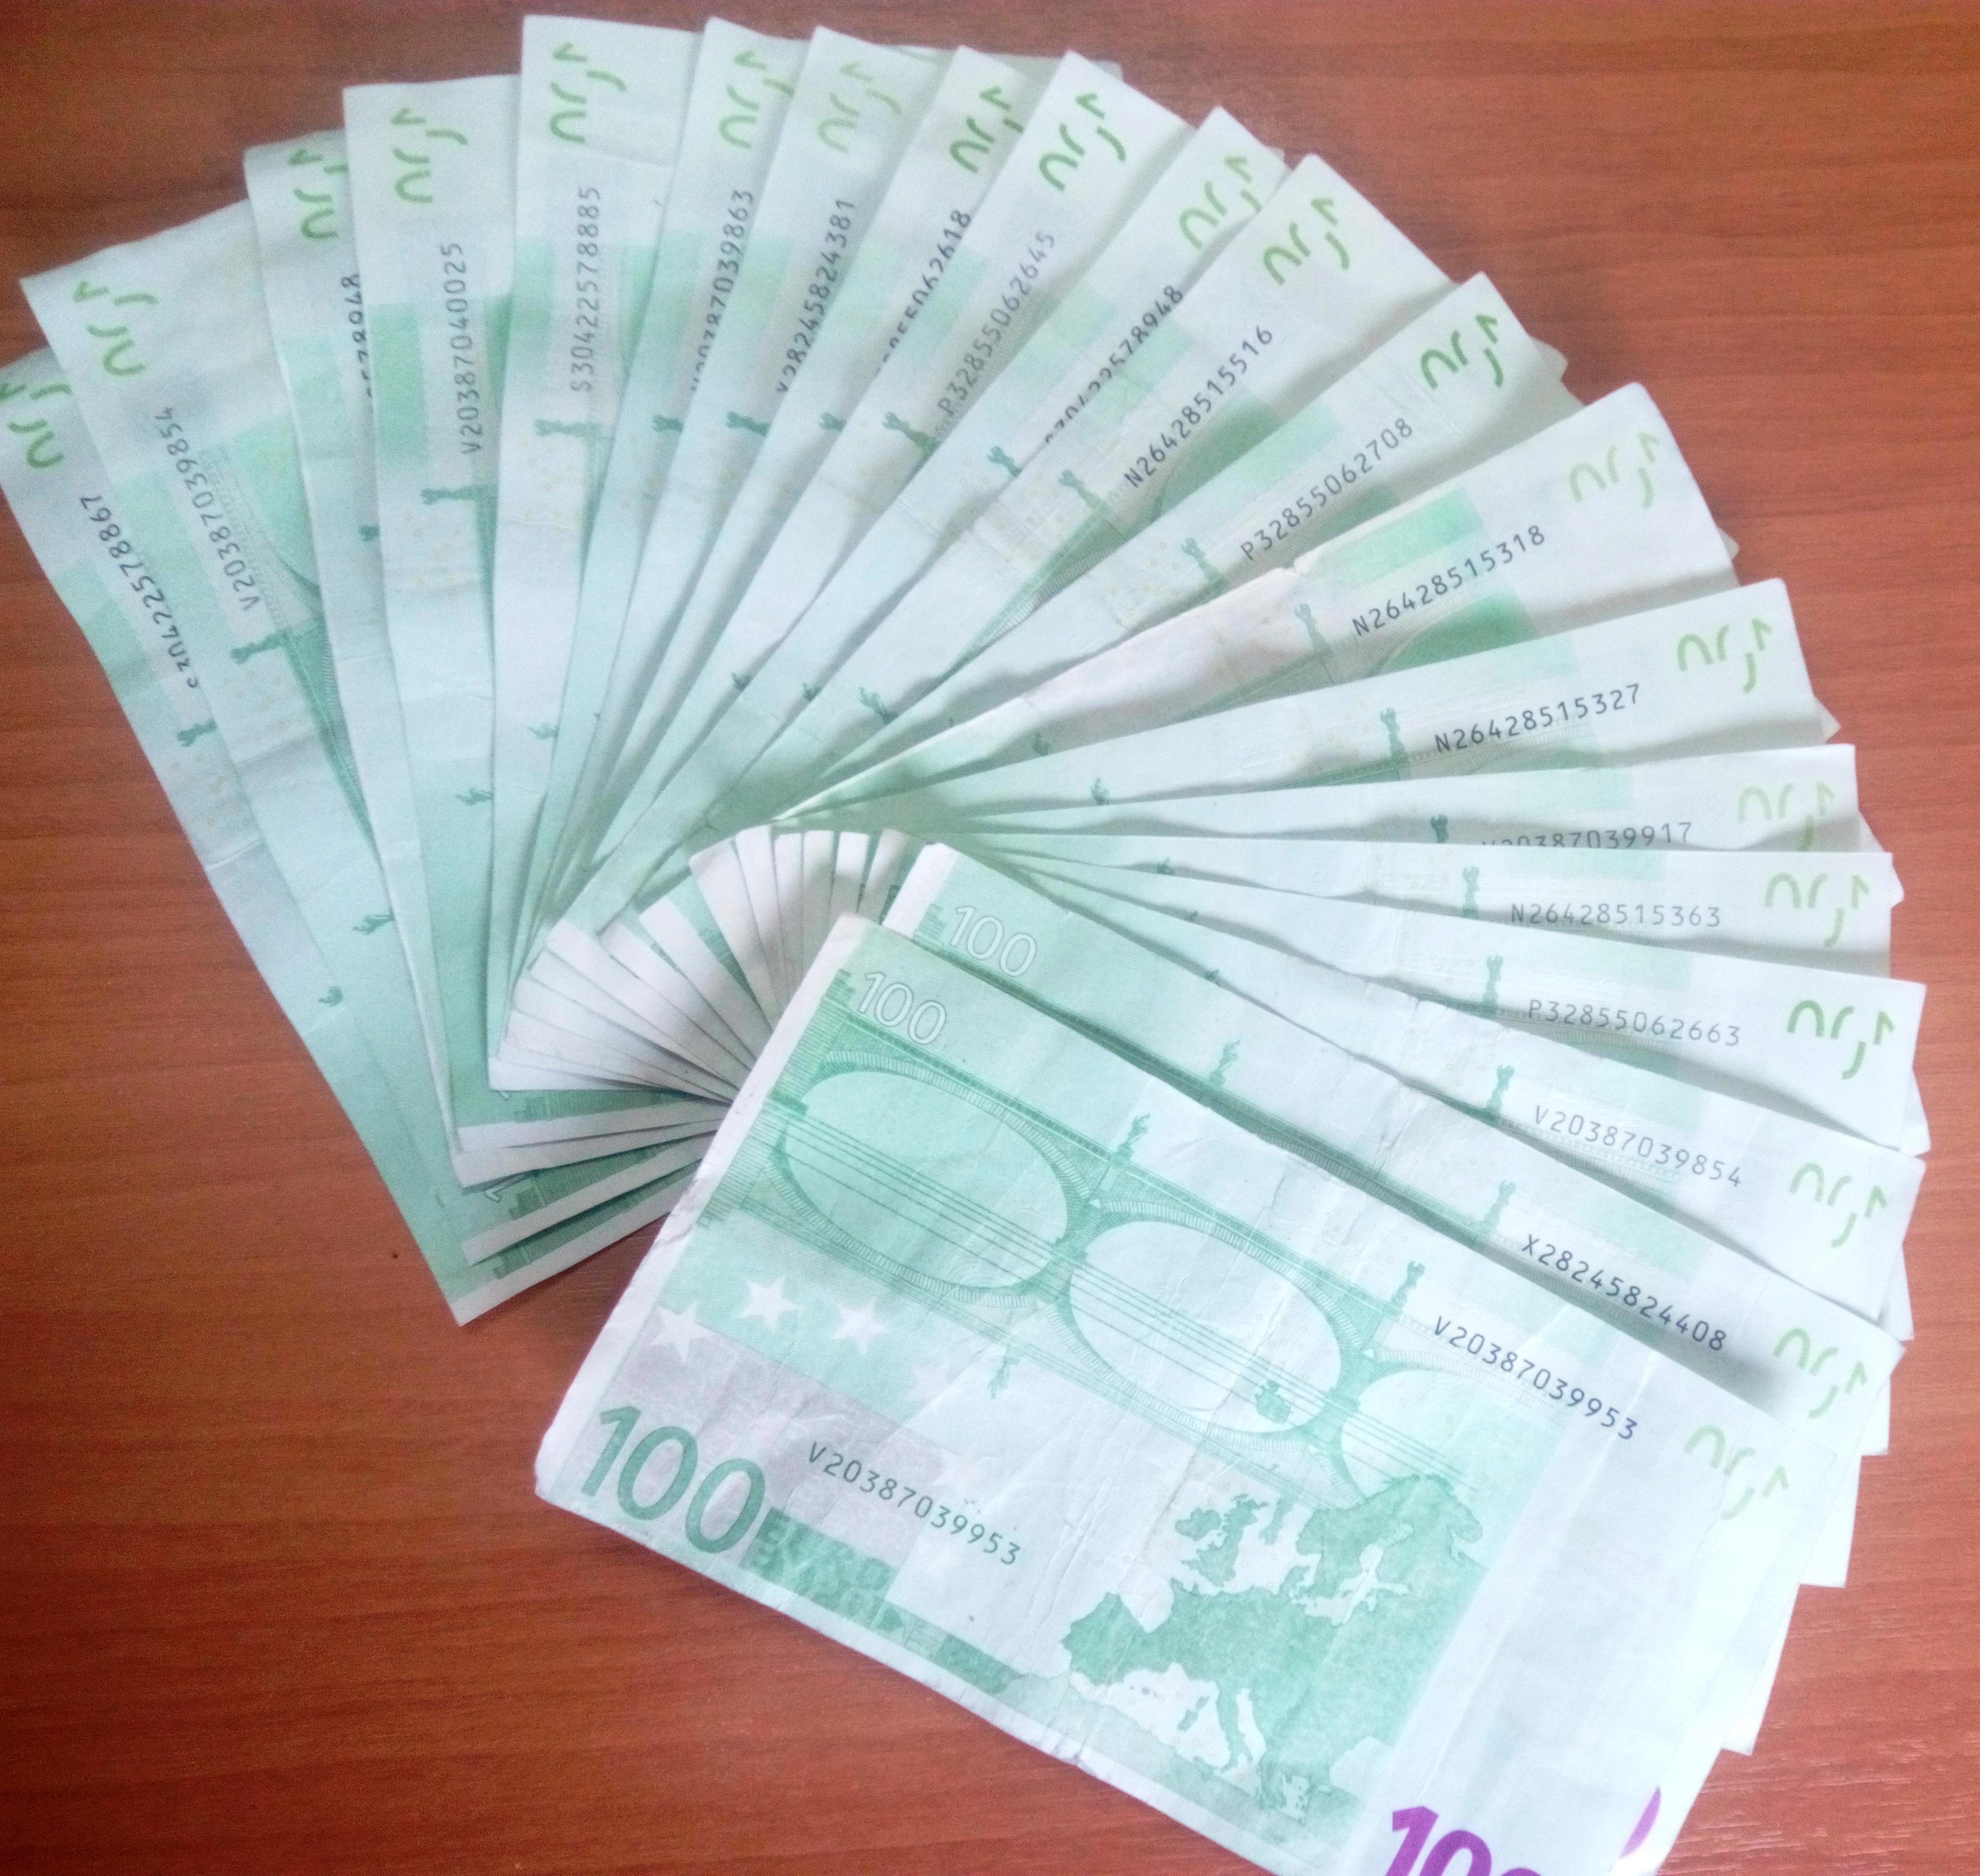 Συνελήφθησαν 2 αλλοδαποί κατηγορούμενοι για παραχάραξη και κυκλοφορία παραχαραγμένων νομισμάτων